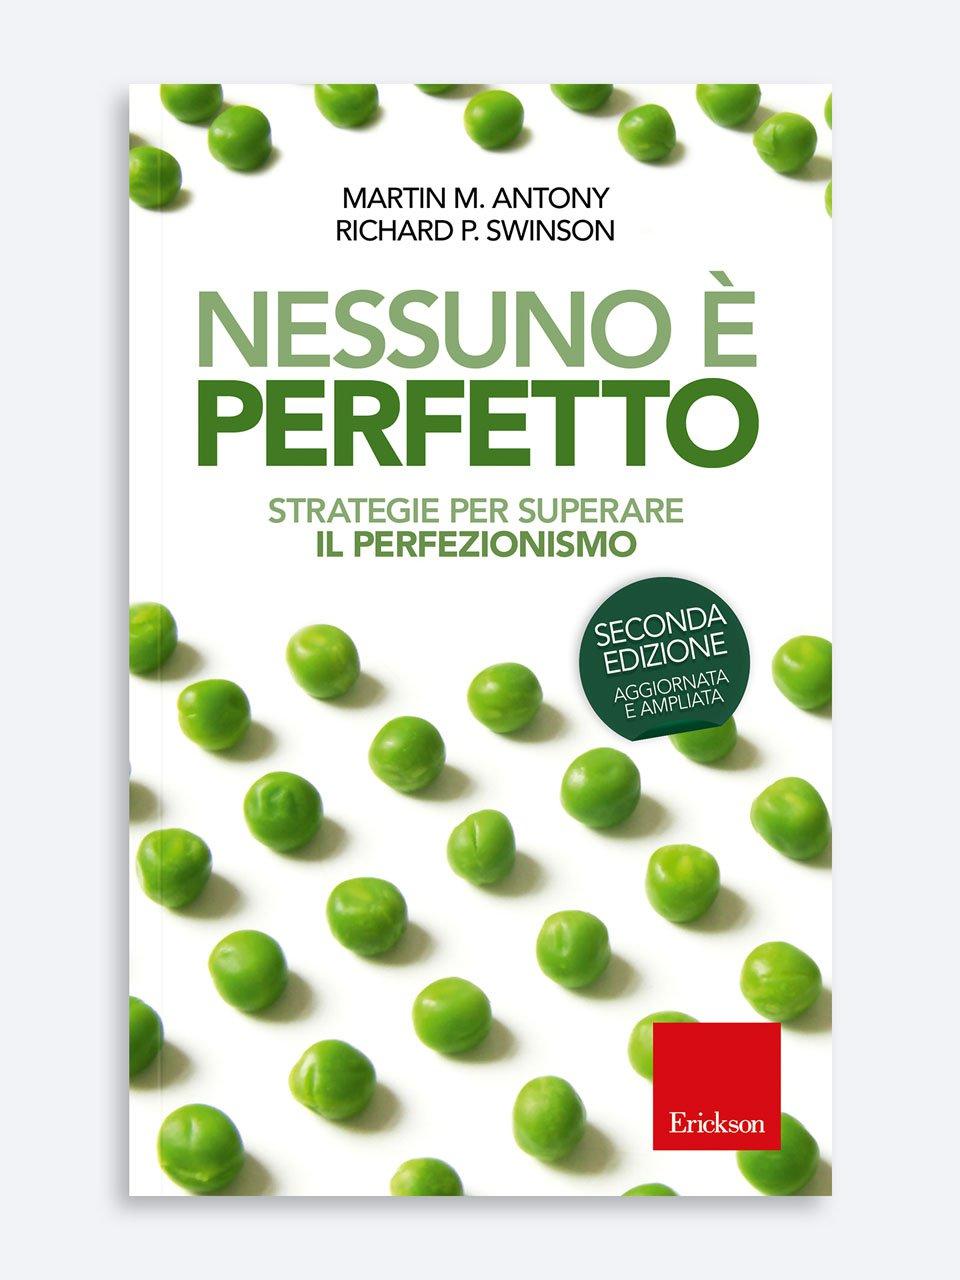 Nessuno è perfetto - Ipocondria, Ansia per le malattie e Disturbo da si - Libri - Erickson